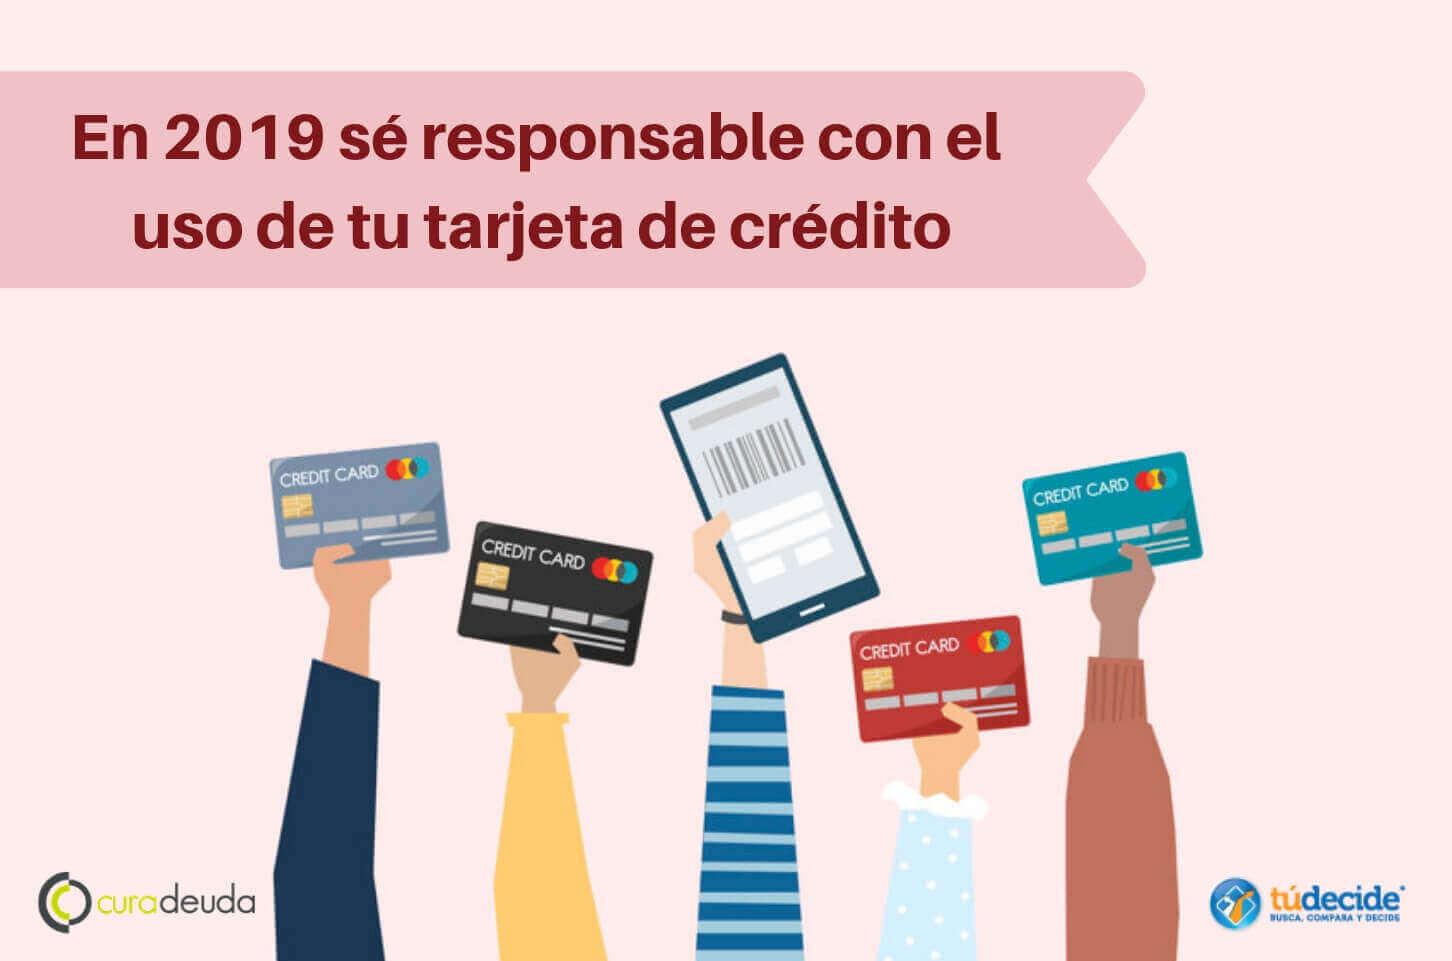 En 2019 sé responsable con el uso de tu tarjeta de crédito